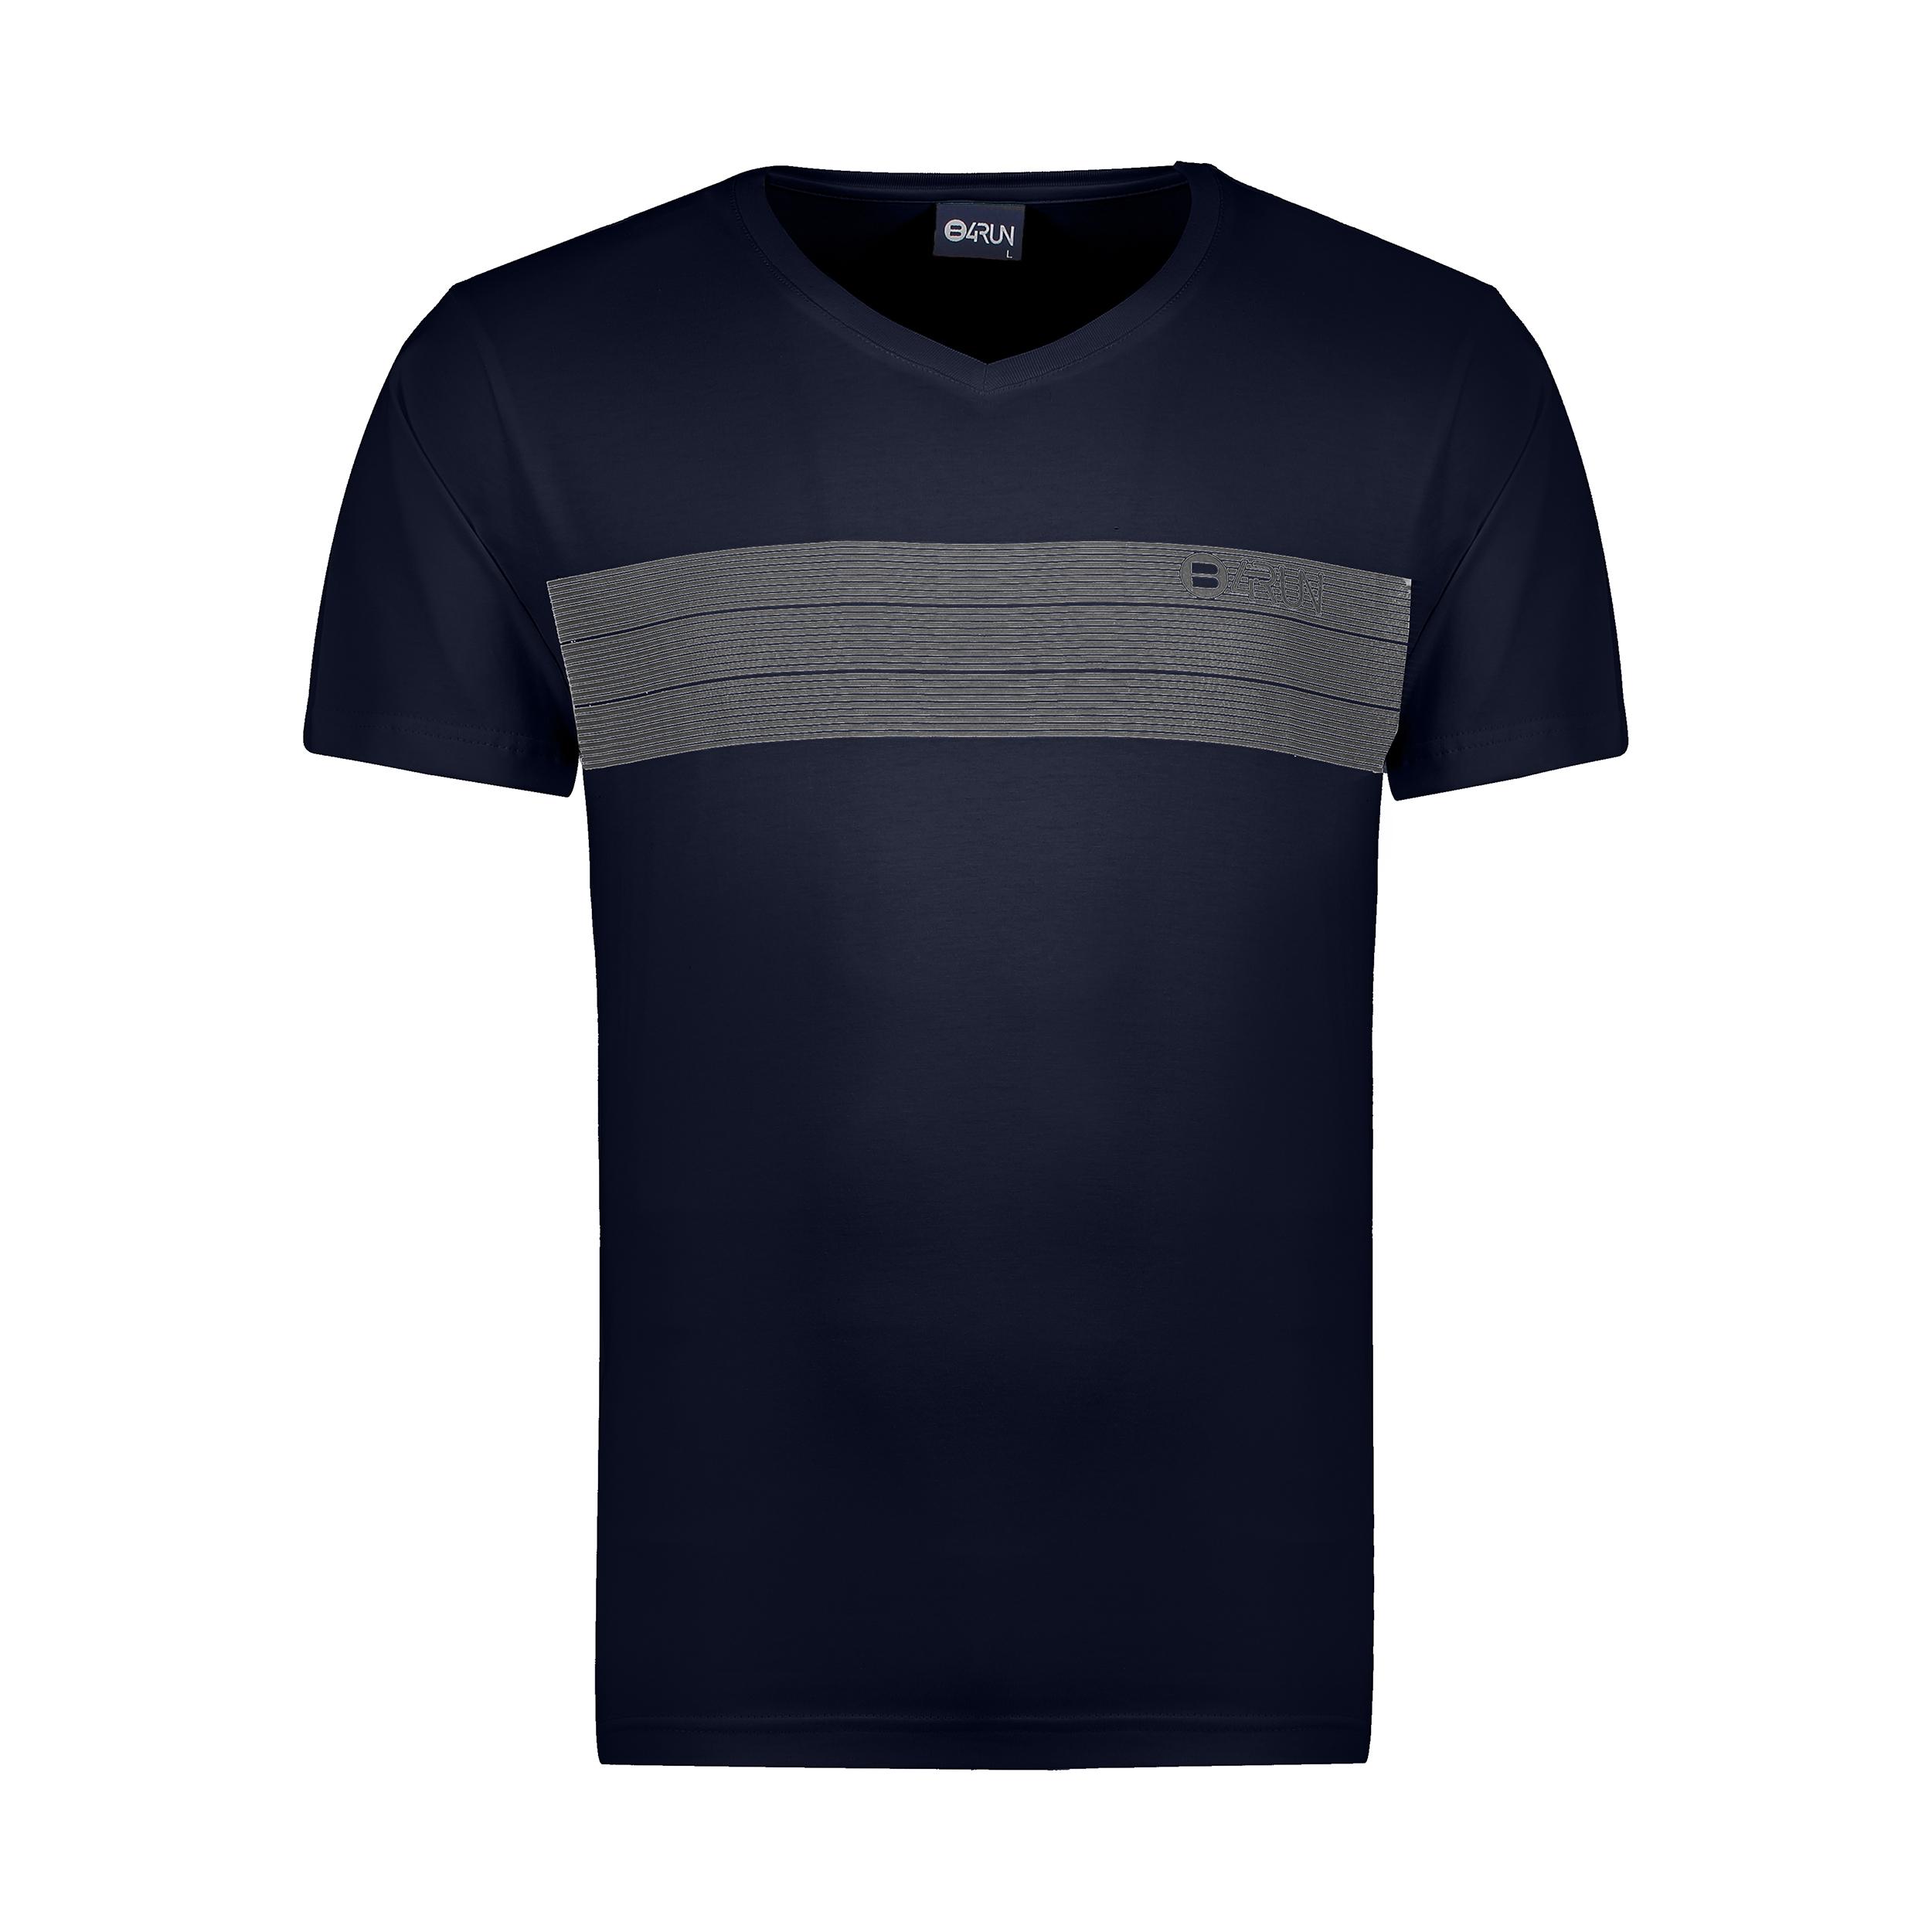 تی شرت ورزشی مردانه بی فور ران مدل 210311-59